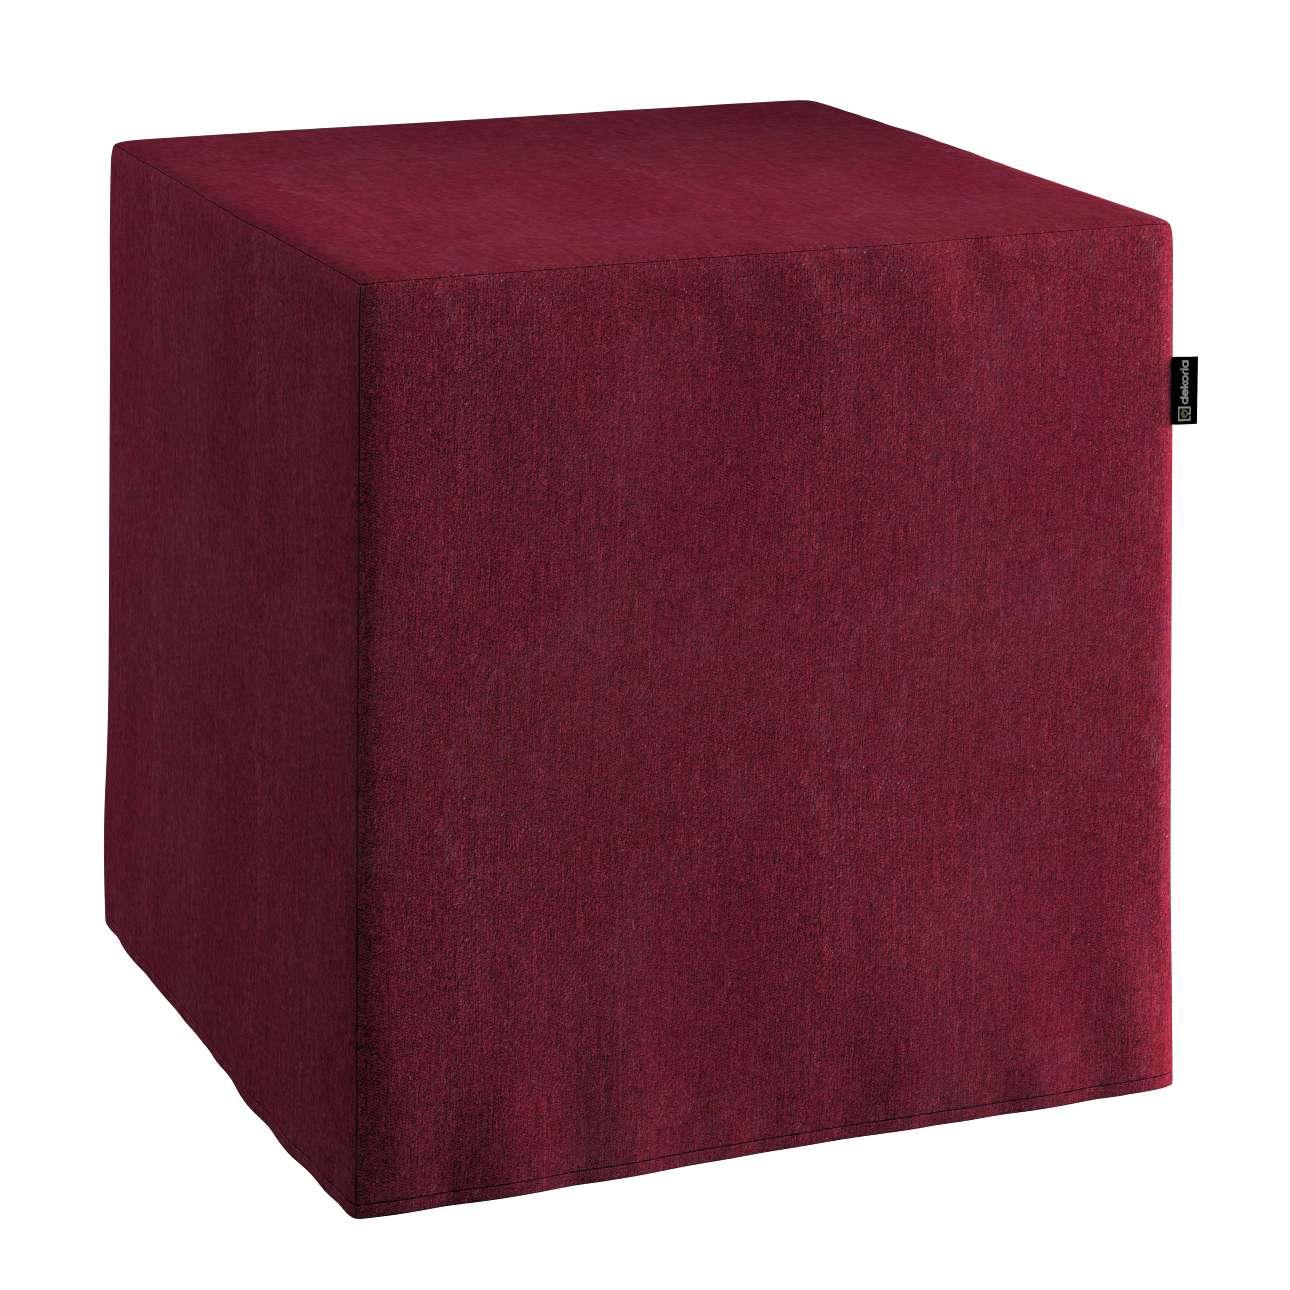 Pokrowiec na pufę kostke w kolekcji Chenille, tkanina: 702-19